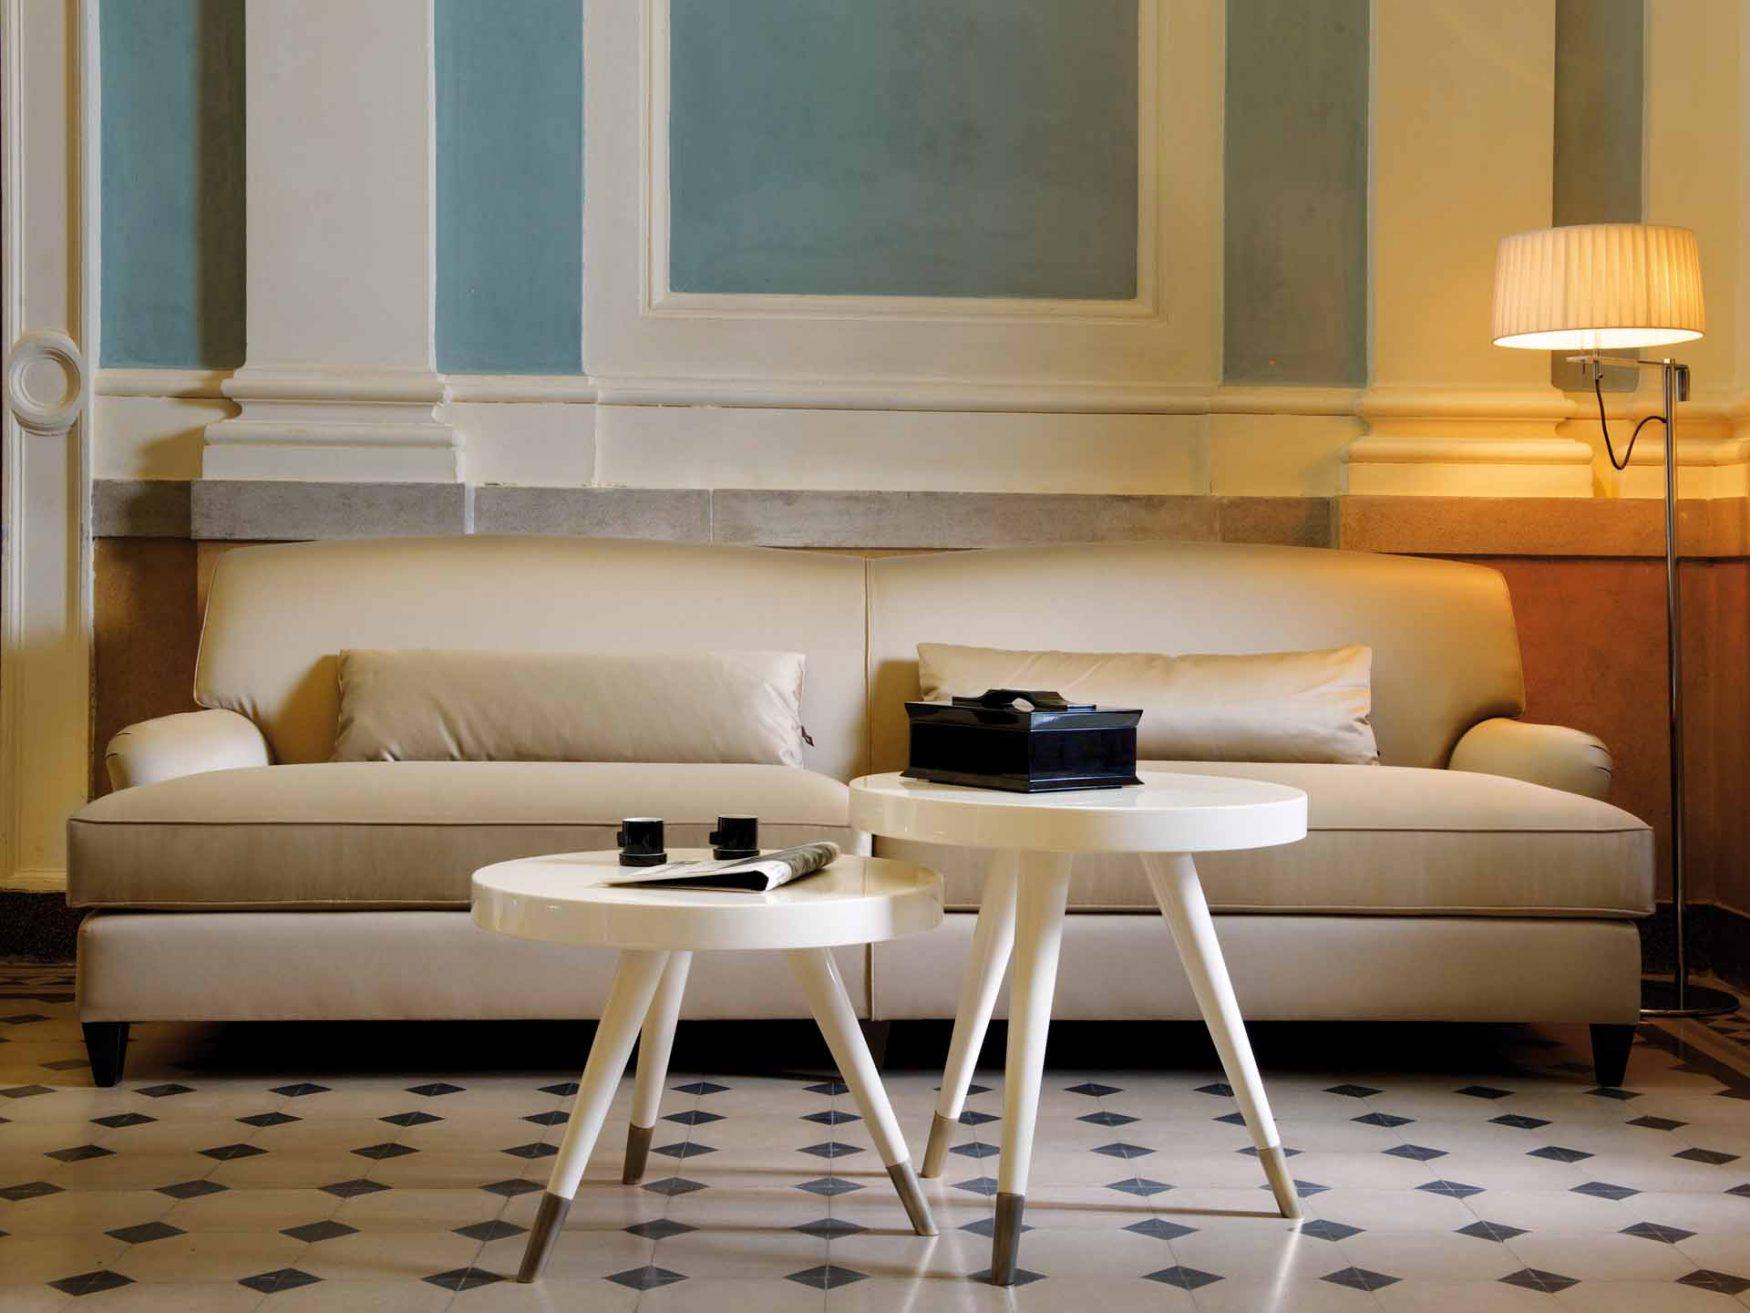 casa andrea milano sectional sofa cheap sofas with ottoman gueridon table alveena